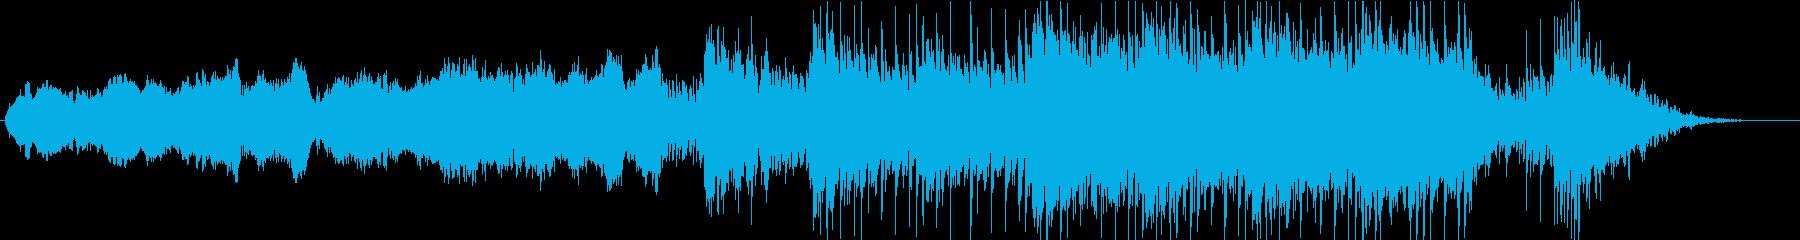 映画/エピック/宇宙/ビッグバン/爆発の再生済みの波形